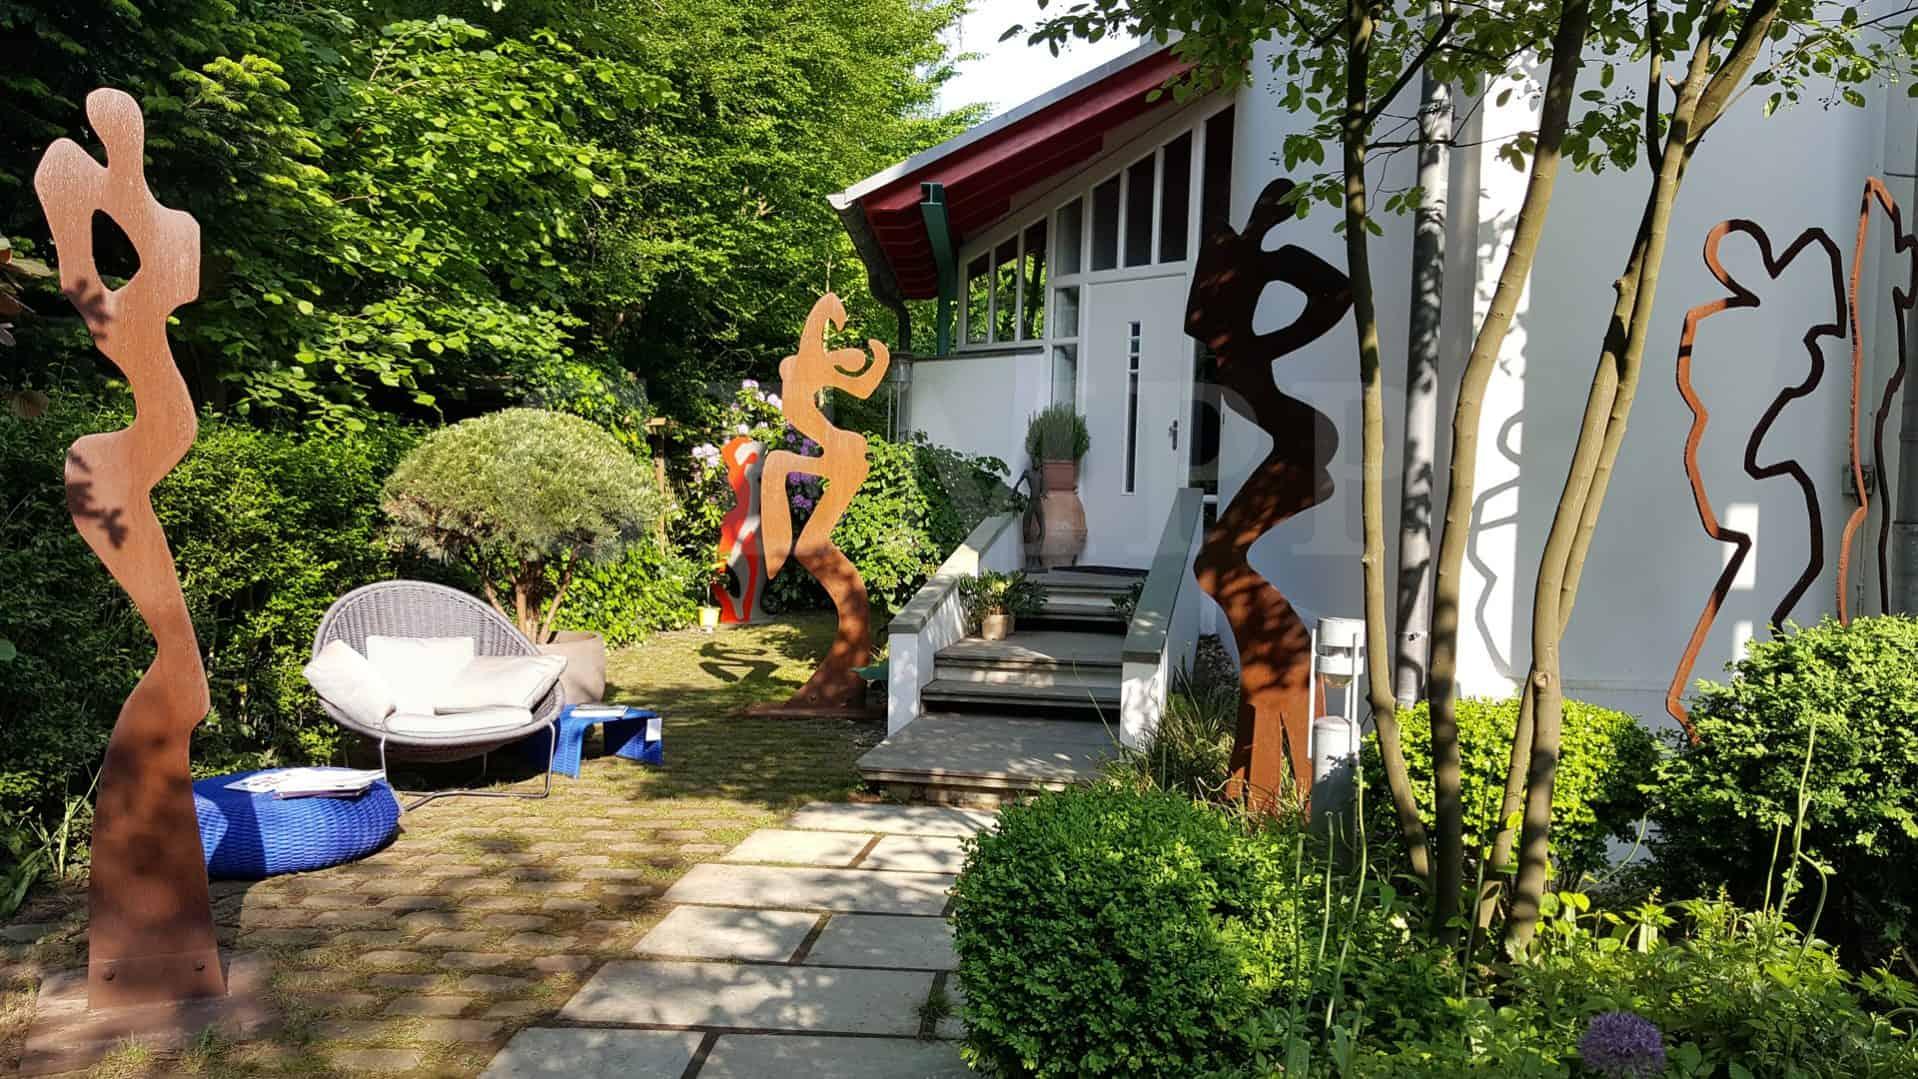 Full Size of Moderne Gartenskulpturen Beton Modern Und Stilvolle Gempp Gartendesign Küche Betonoptik Esstisch Bad Betonplatte Bilder Fürs Wohnzimmer Esstische Modernes Wohnzimmer Moderne Gartenskulpturen Beton